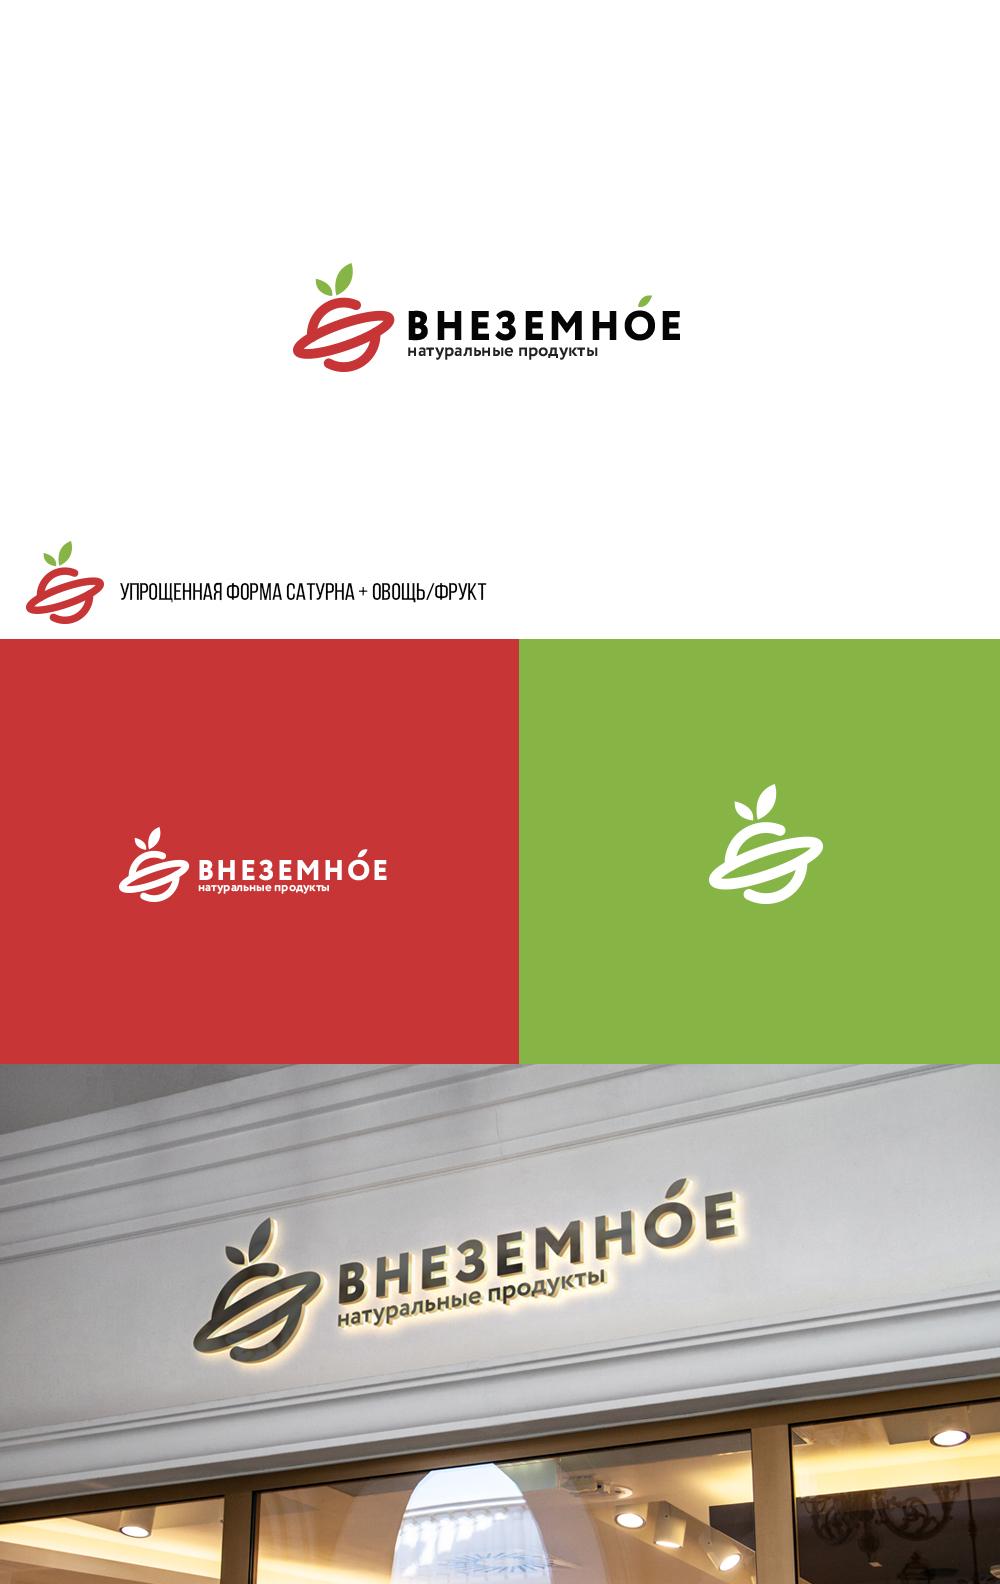 """Логотип и фирменный стиль """"Внеземное"""" фото f_9775e771cf0e7b4b.jpg"""